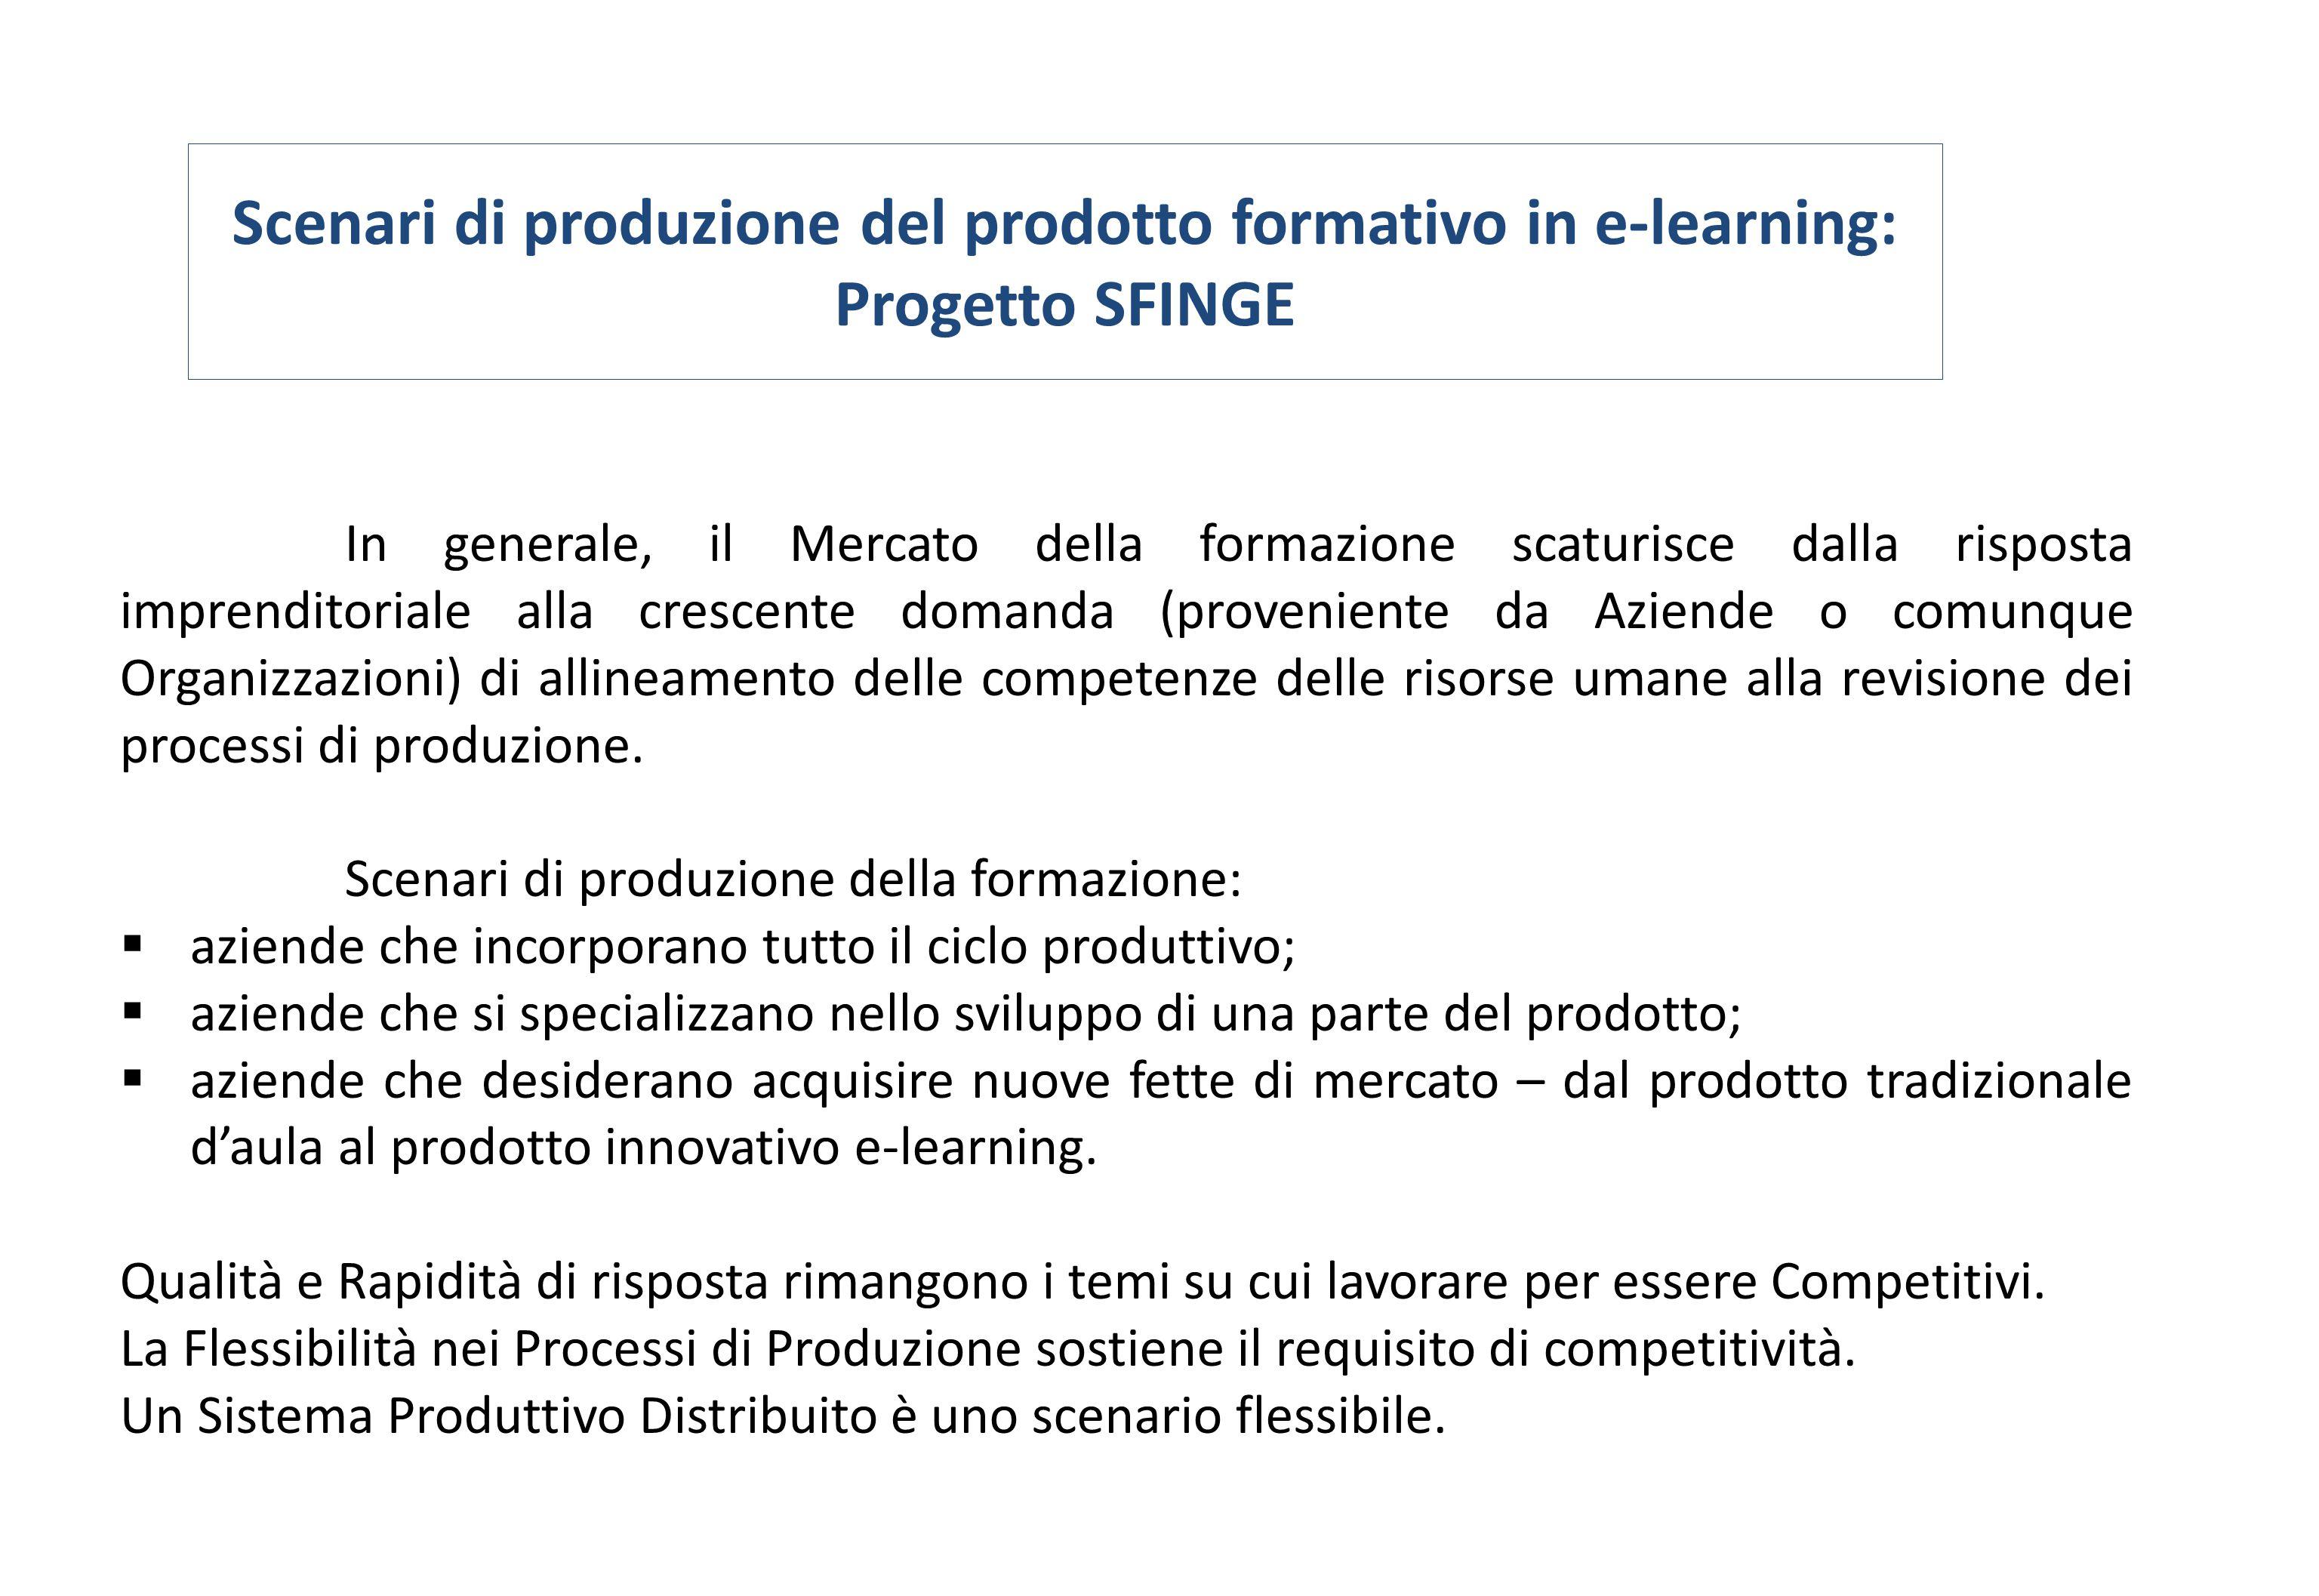 Scenari di produzione del prodotto formativo in e-learning: Progetto SFINGE